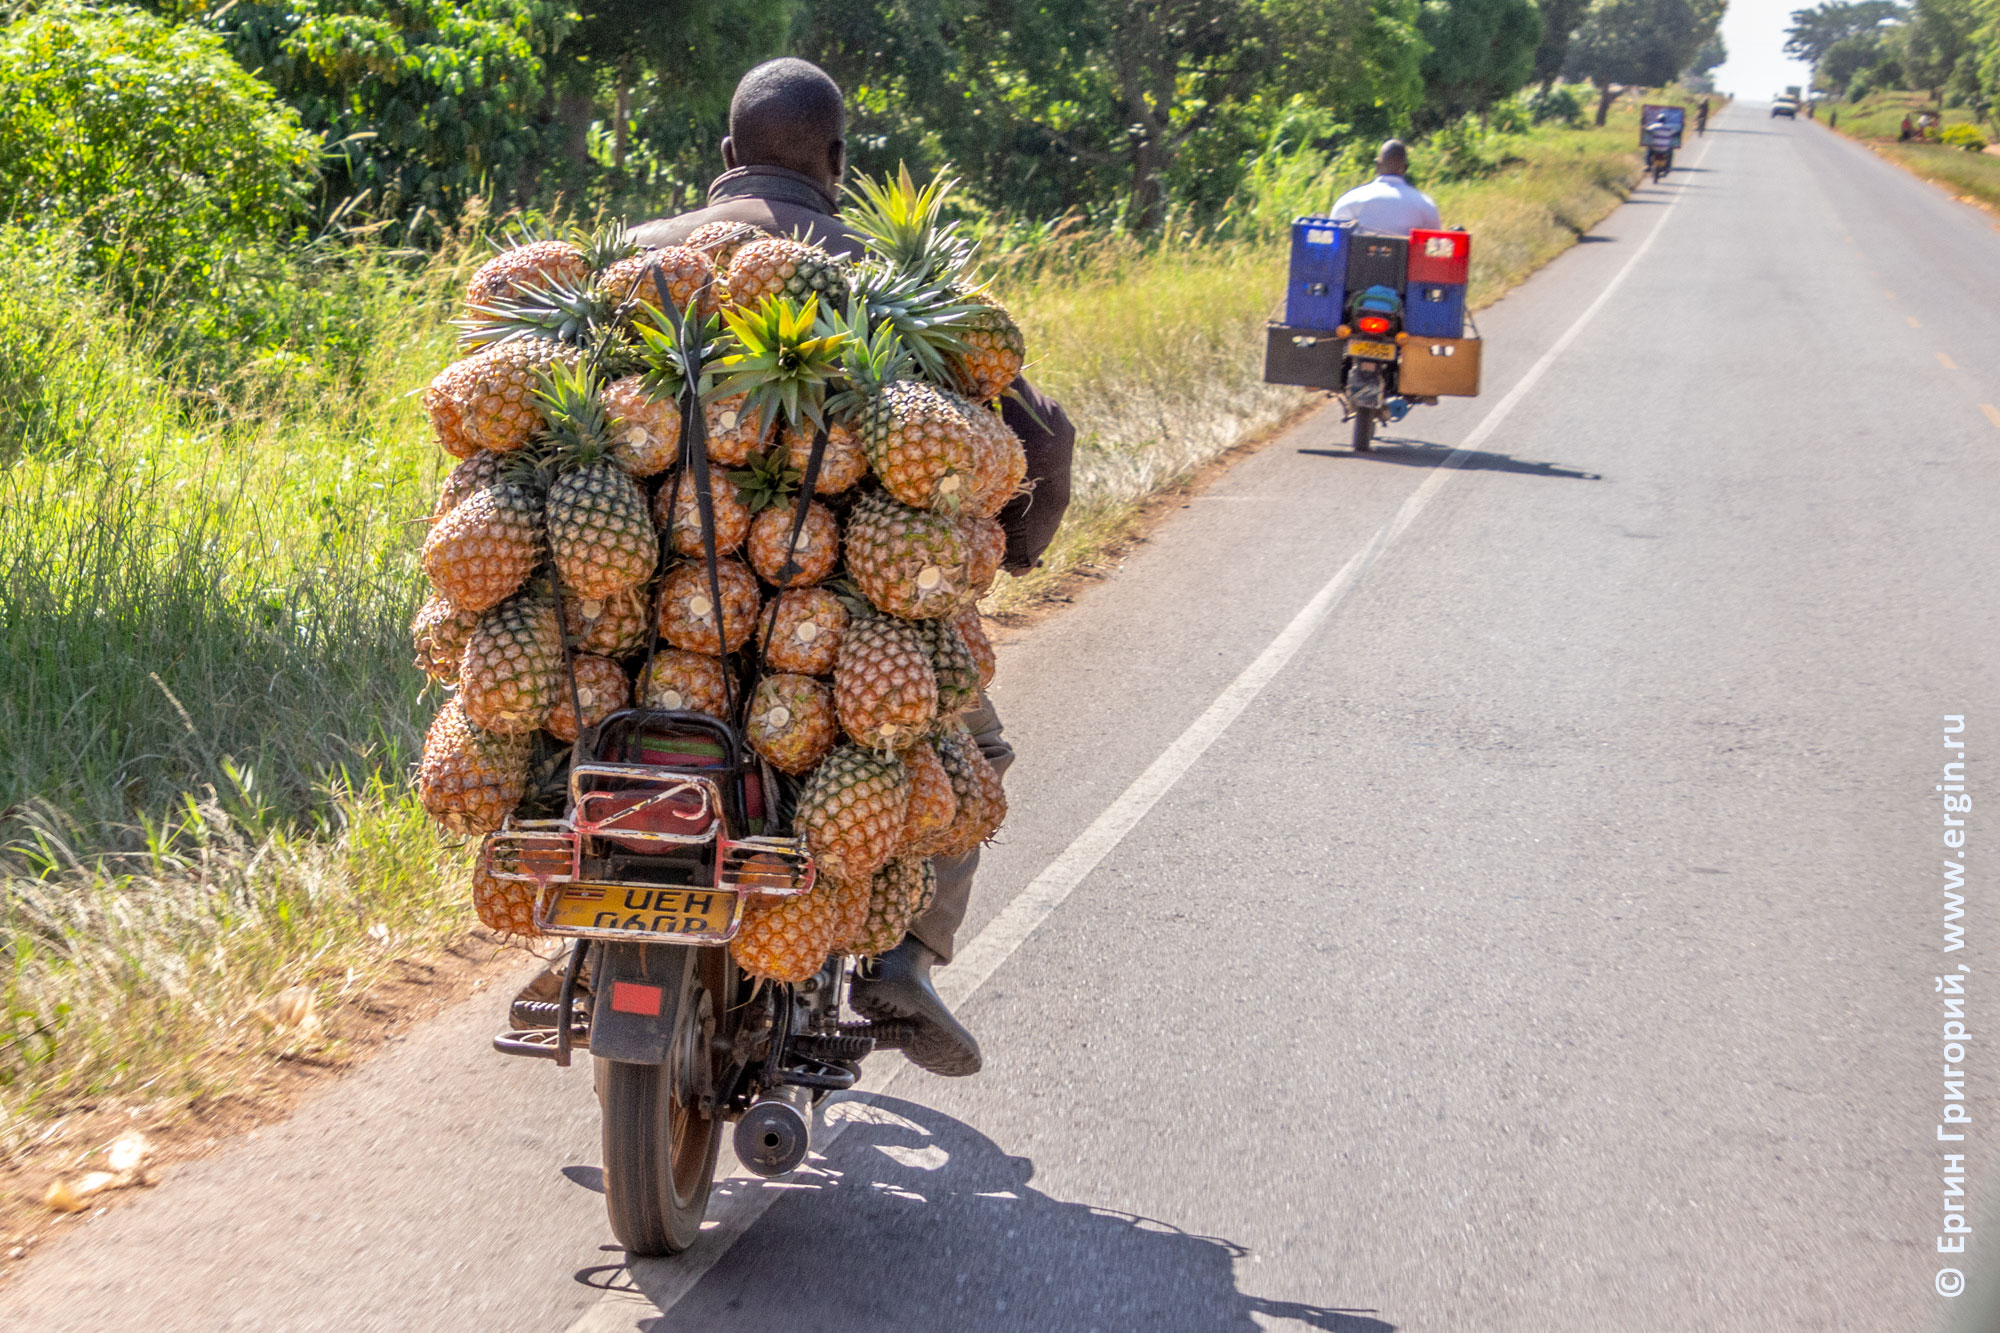 Бода-бода везет анансы на мотоцикле Уганда